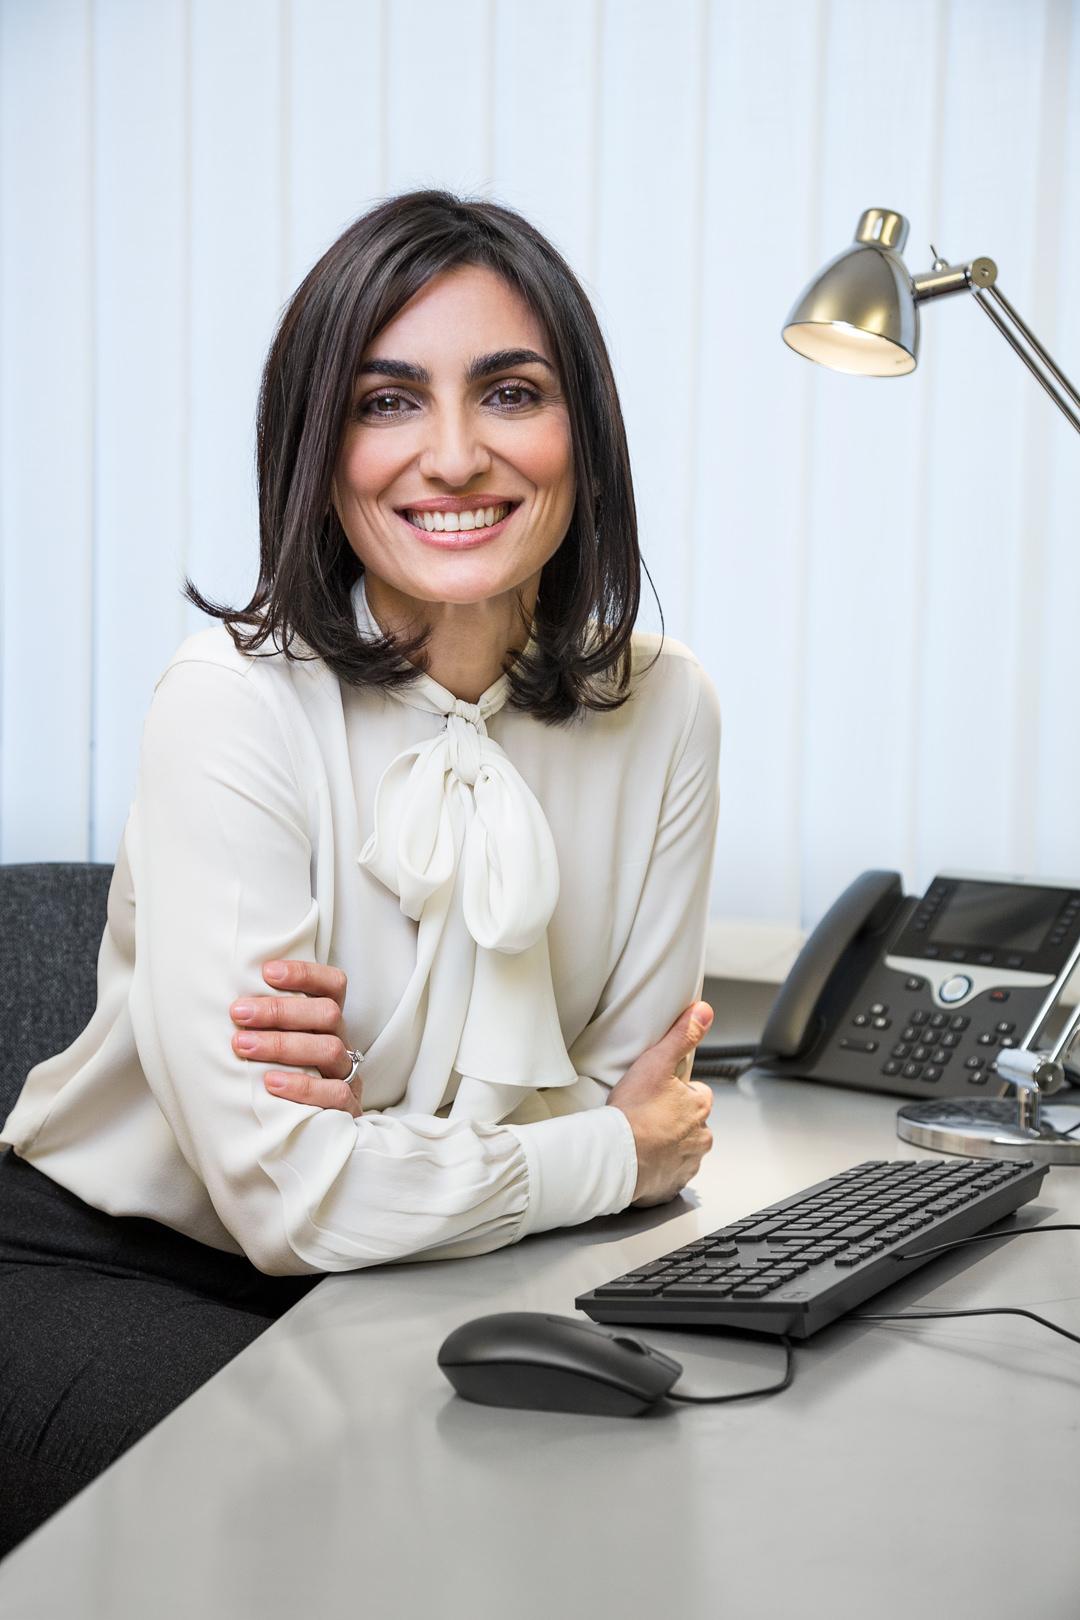 Fotografo di ritratto per dirigenti aziendali a Roma